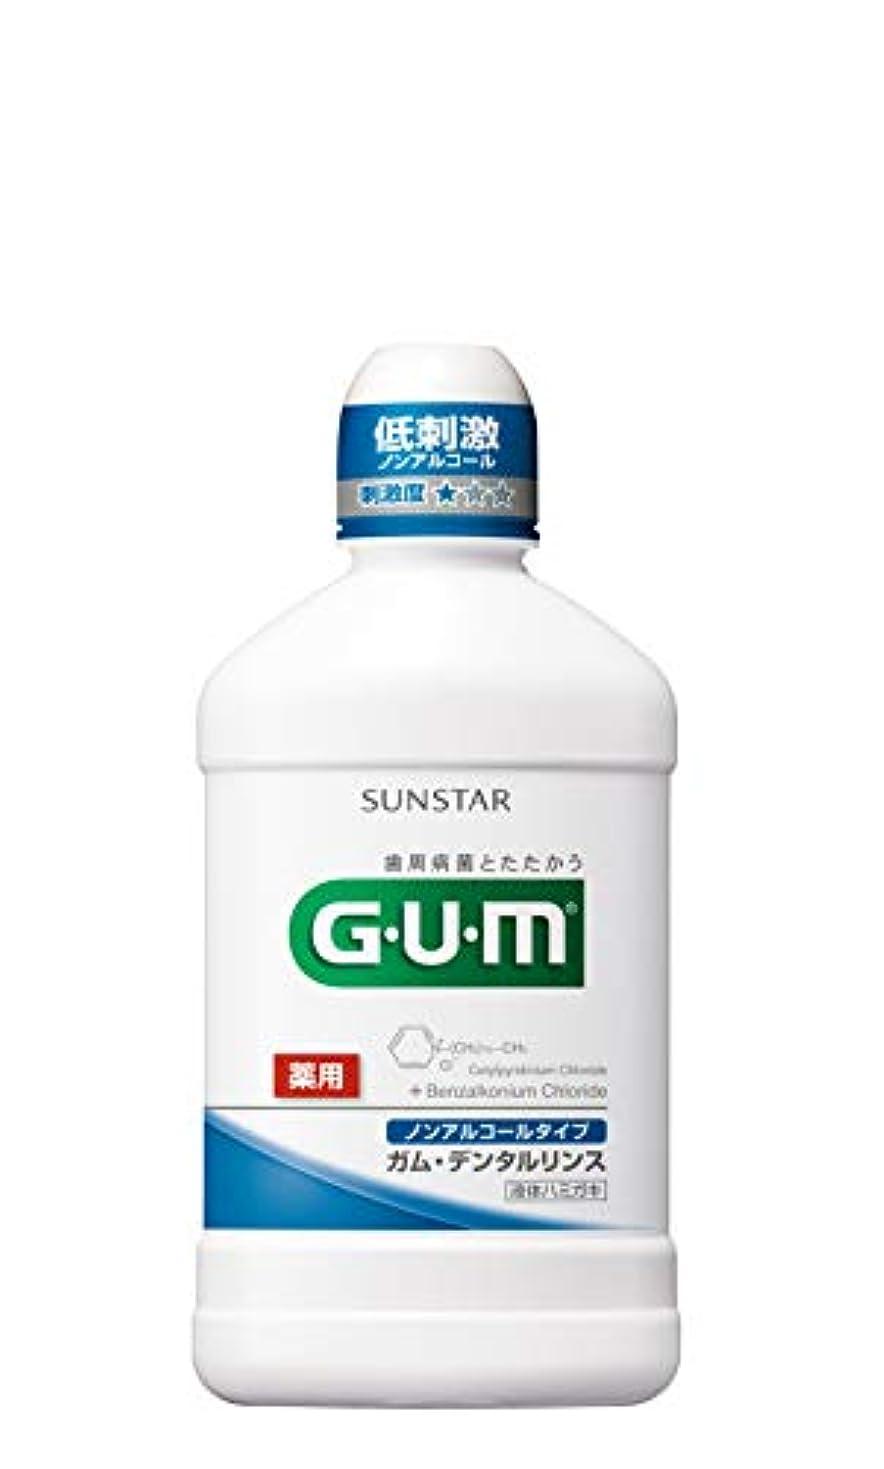 いう焦げ修正[医薬部外品] GUM(ガム) デンタルリンス ノンアルコールタイプ 薬用液体ハミガキ 250ML <歯周病予防 口臭予防>